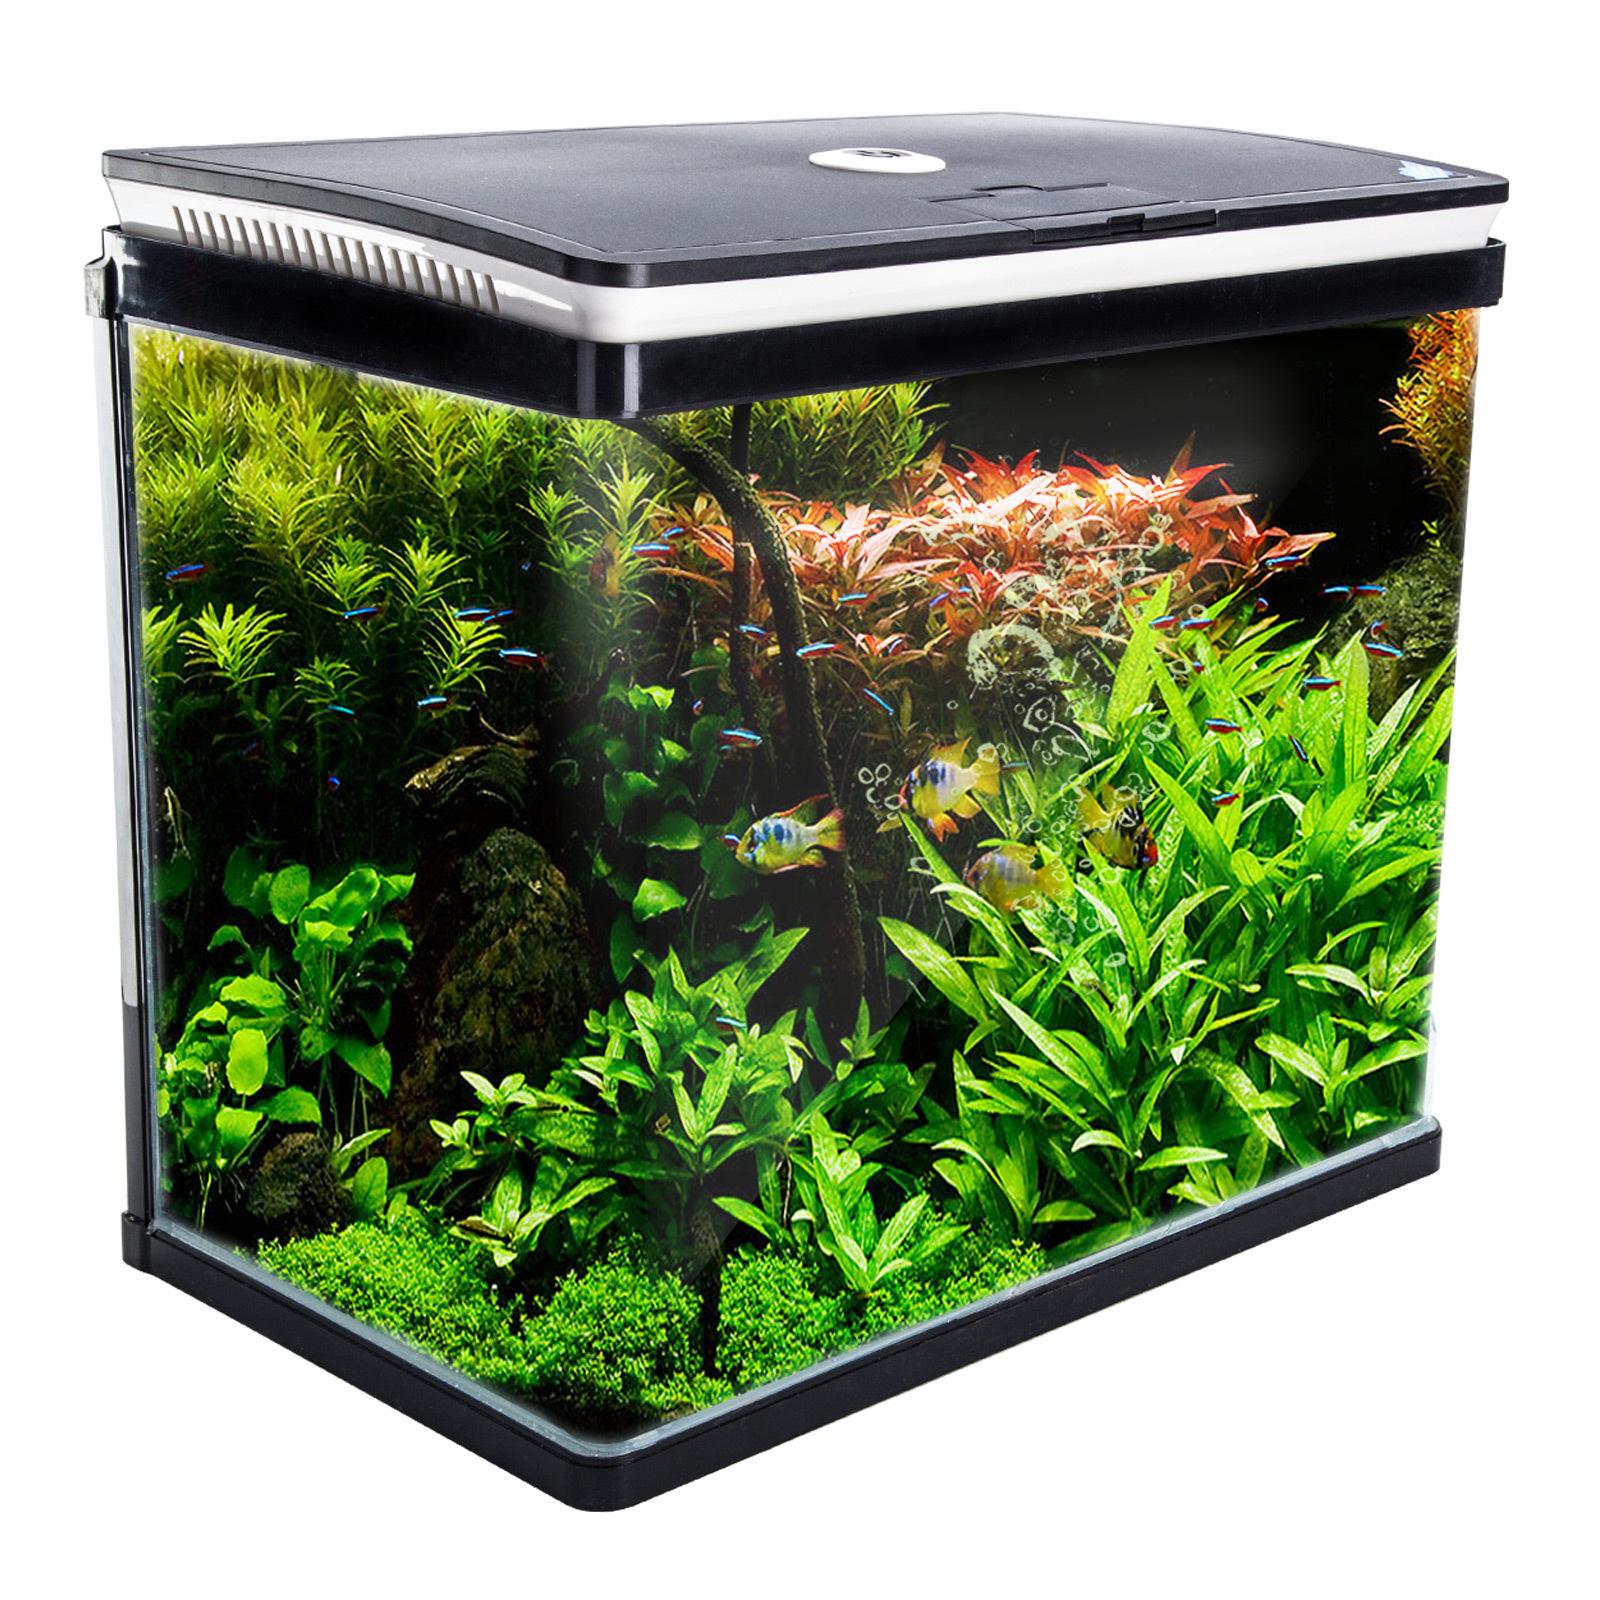 Aquarium Curved Glass RGB LED Fish Tank Set Filter Pump 52L